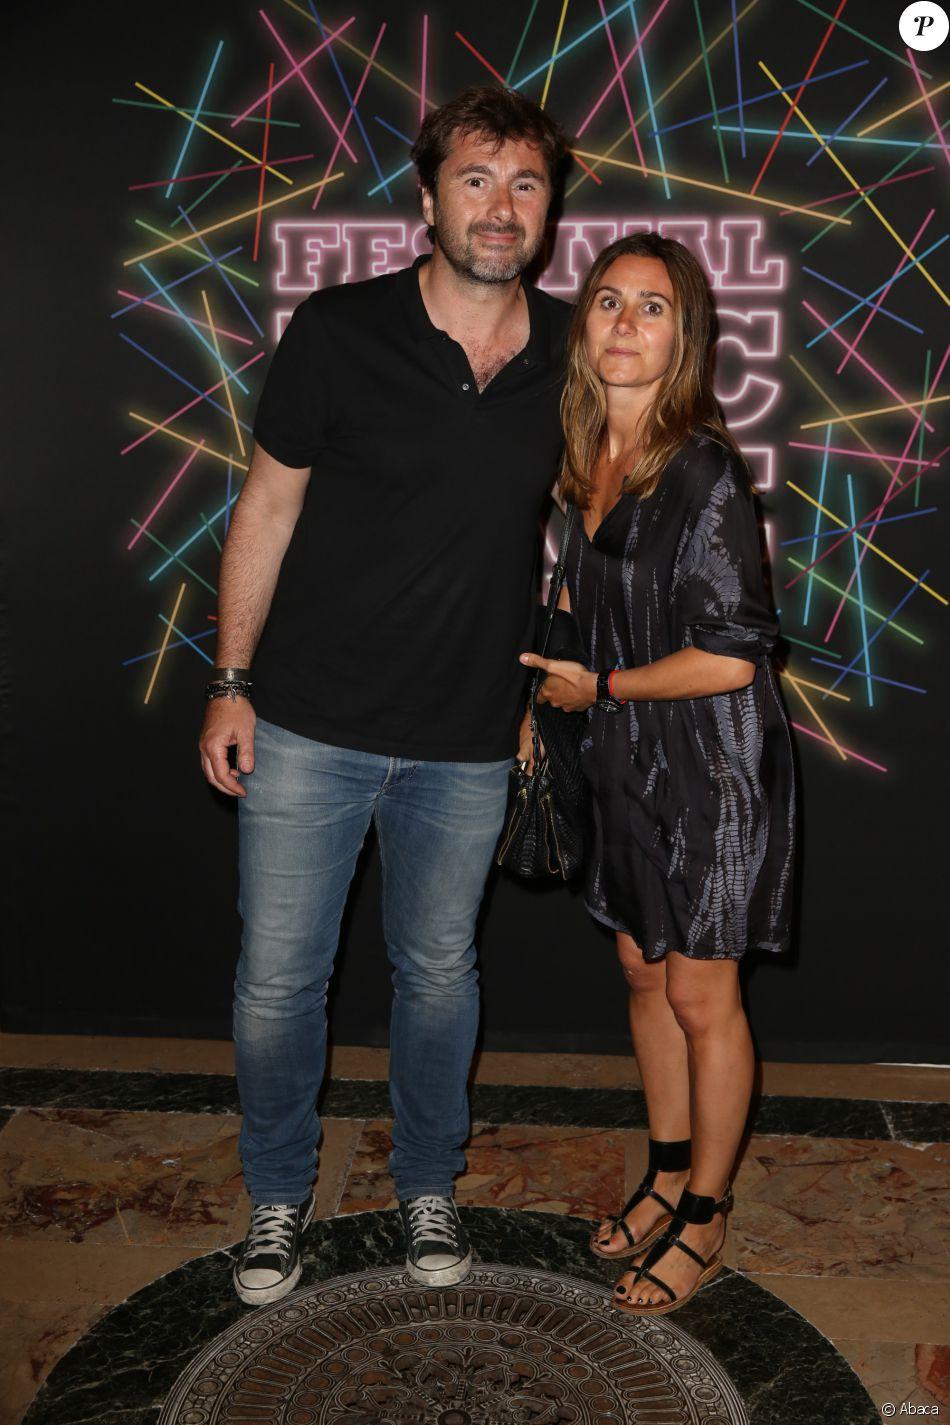 Eric jean jean et sa femme au fnac live festival 2016 paris le 20 juillet 2016 purepeople - Jean francois balmer et sa femme ...